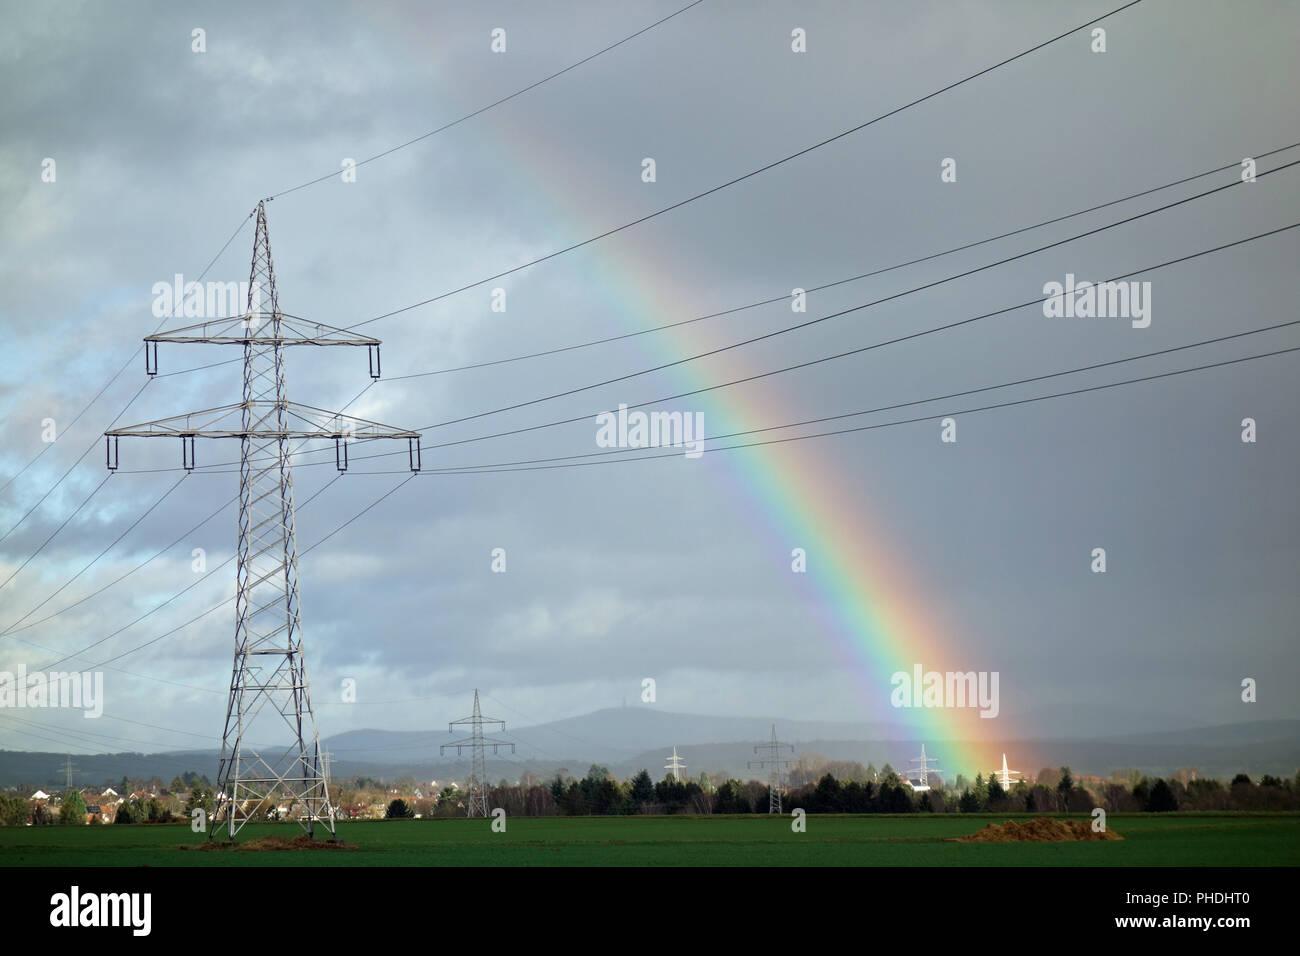 Strom Netzwerk mit einem Regenbogen Stockbild